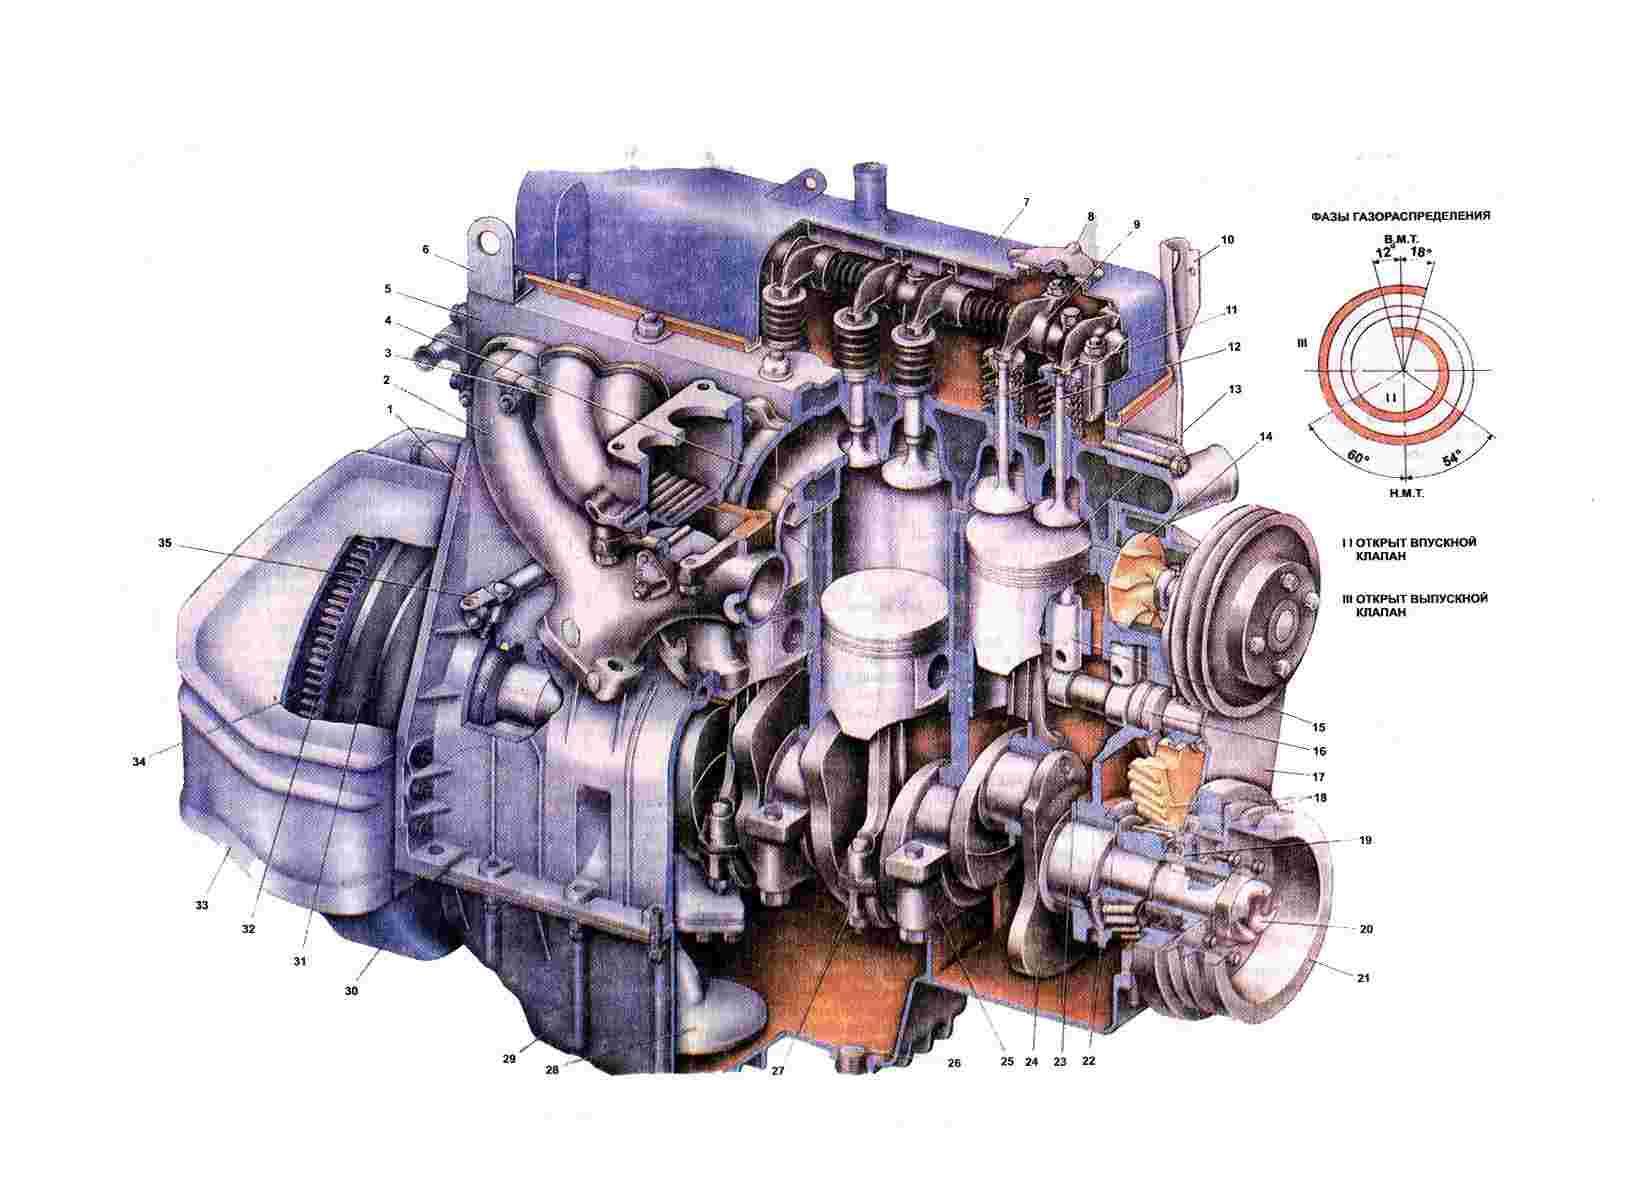 Двигатели 402 и 4021 выпускаются на Заволжском моторном заводе, разработаны на базе и